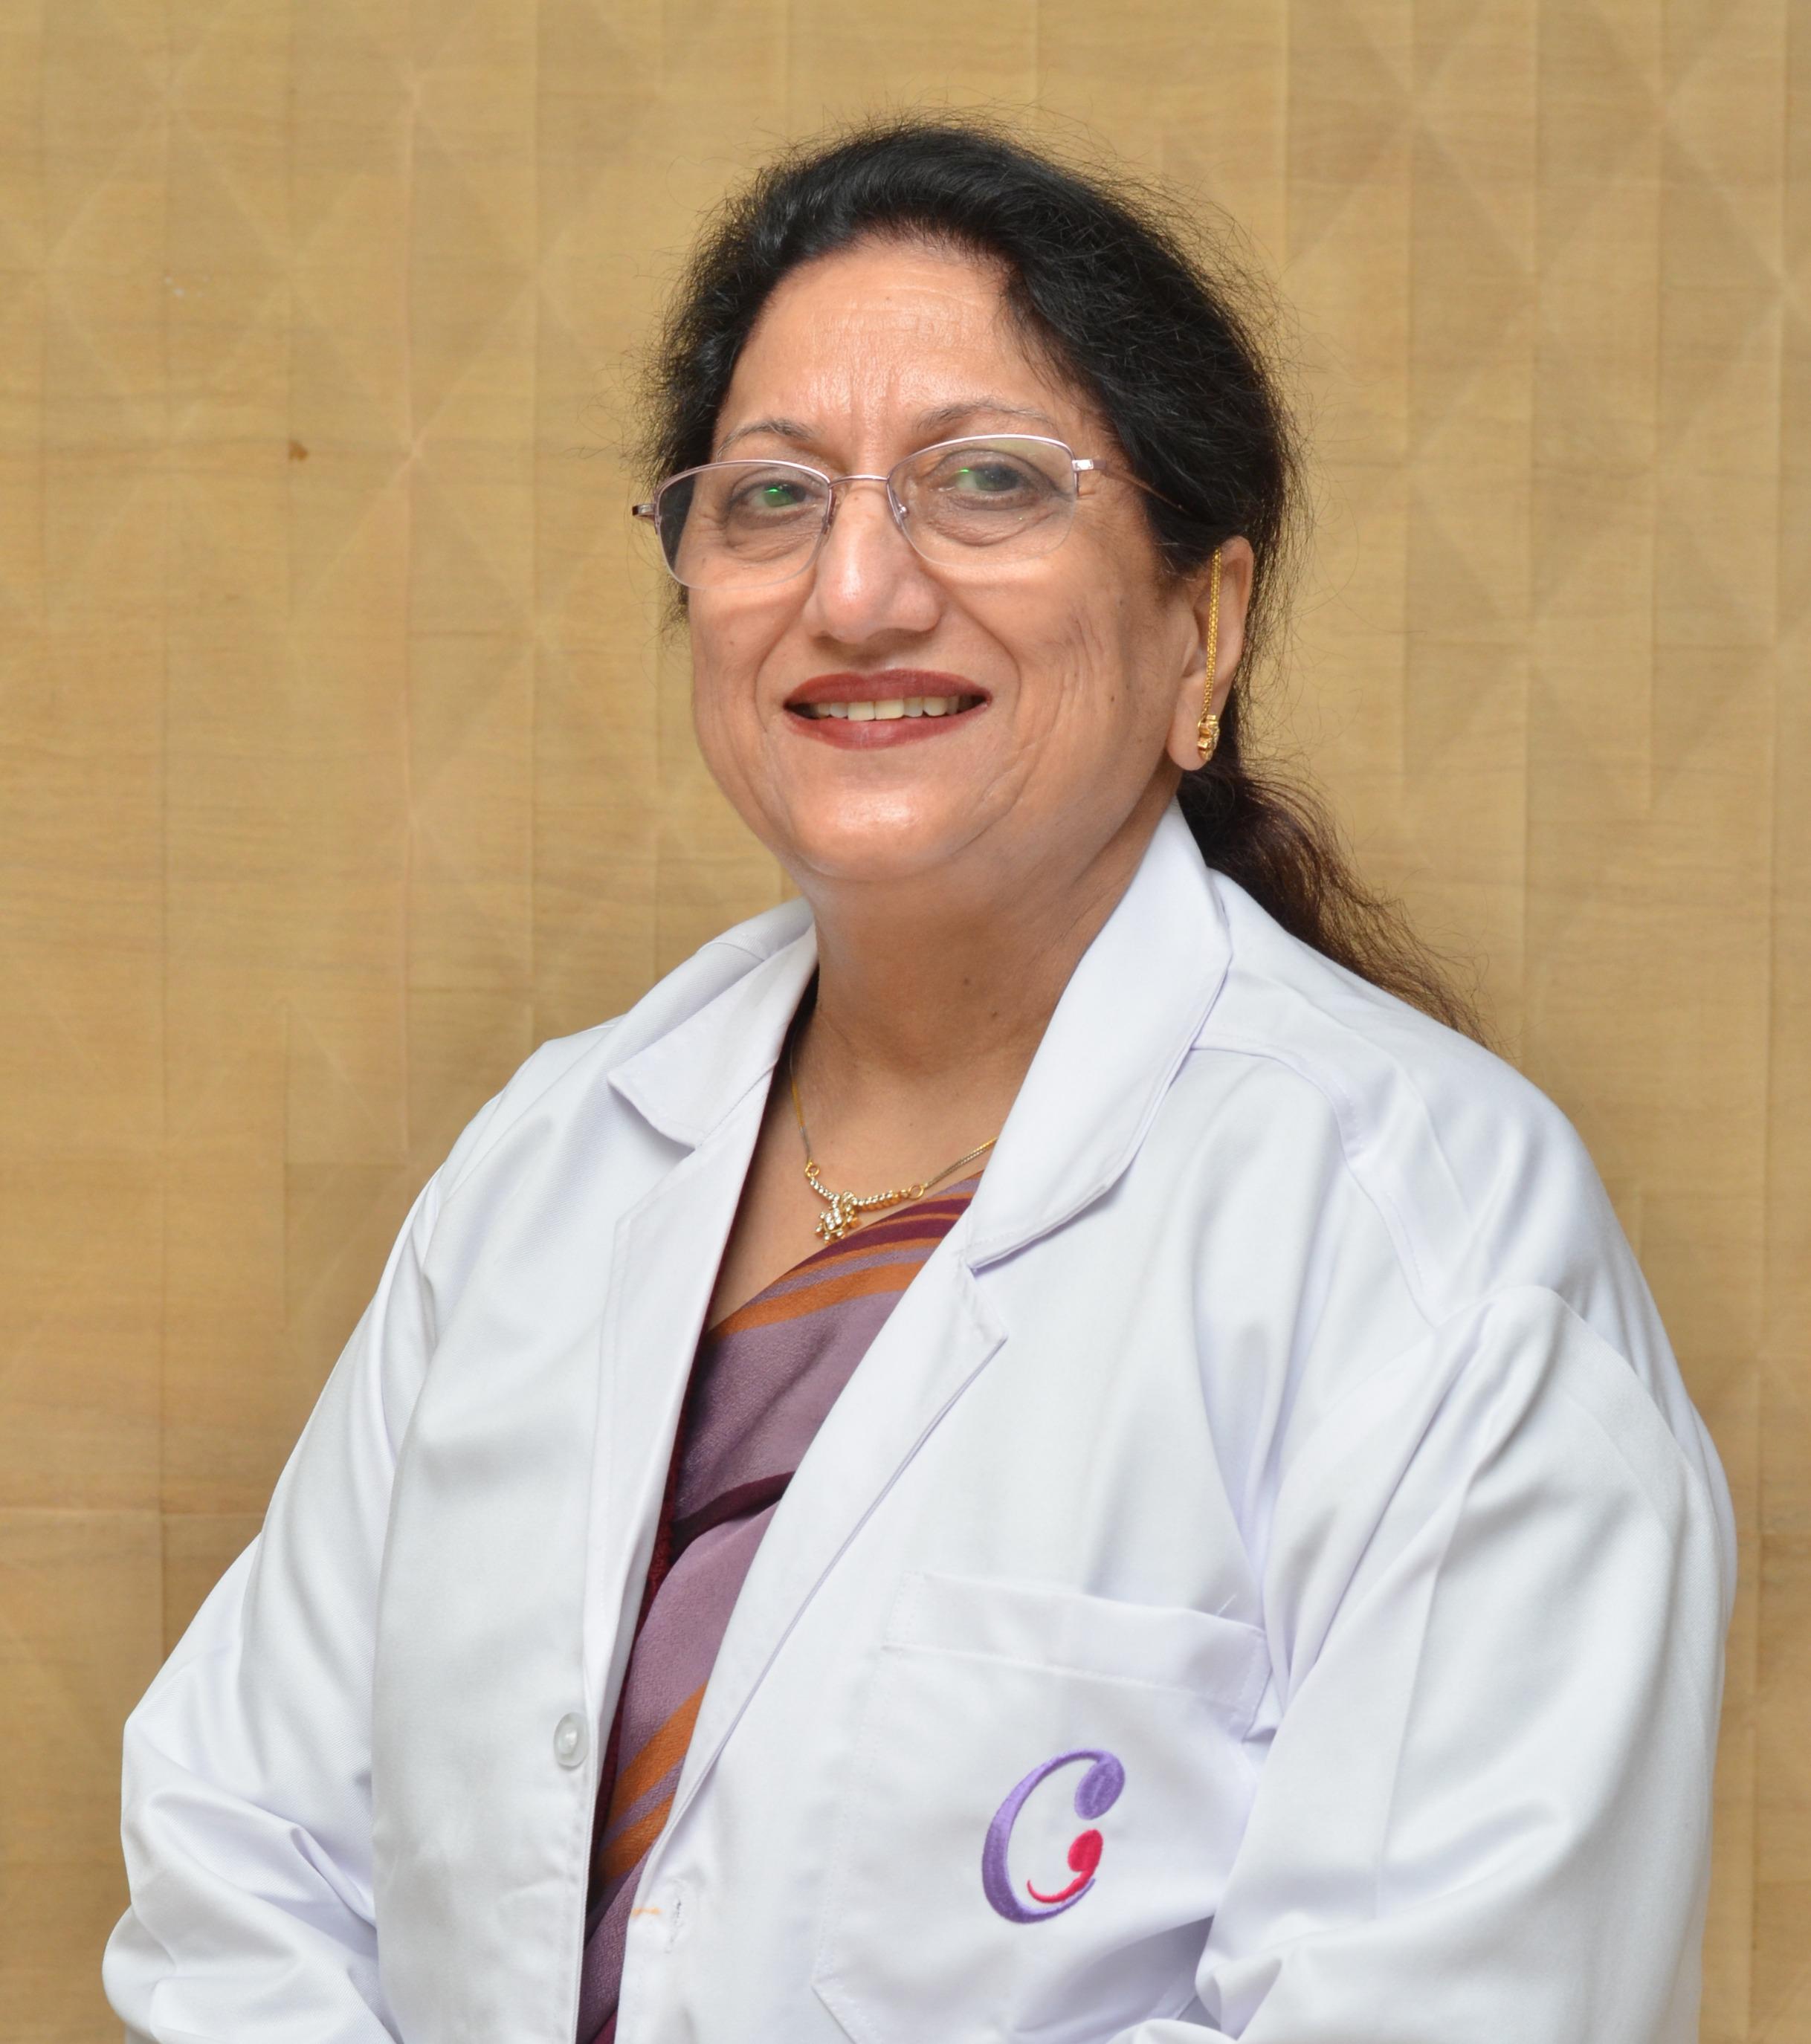 Dr. S K Gambhir